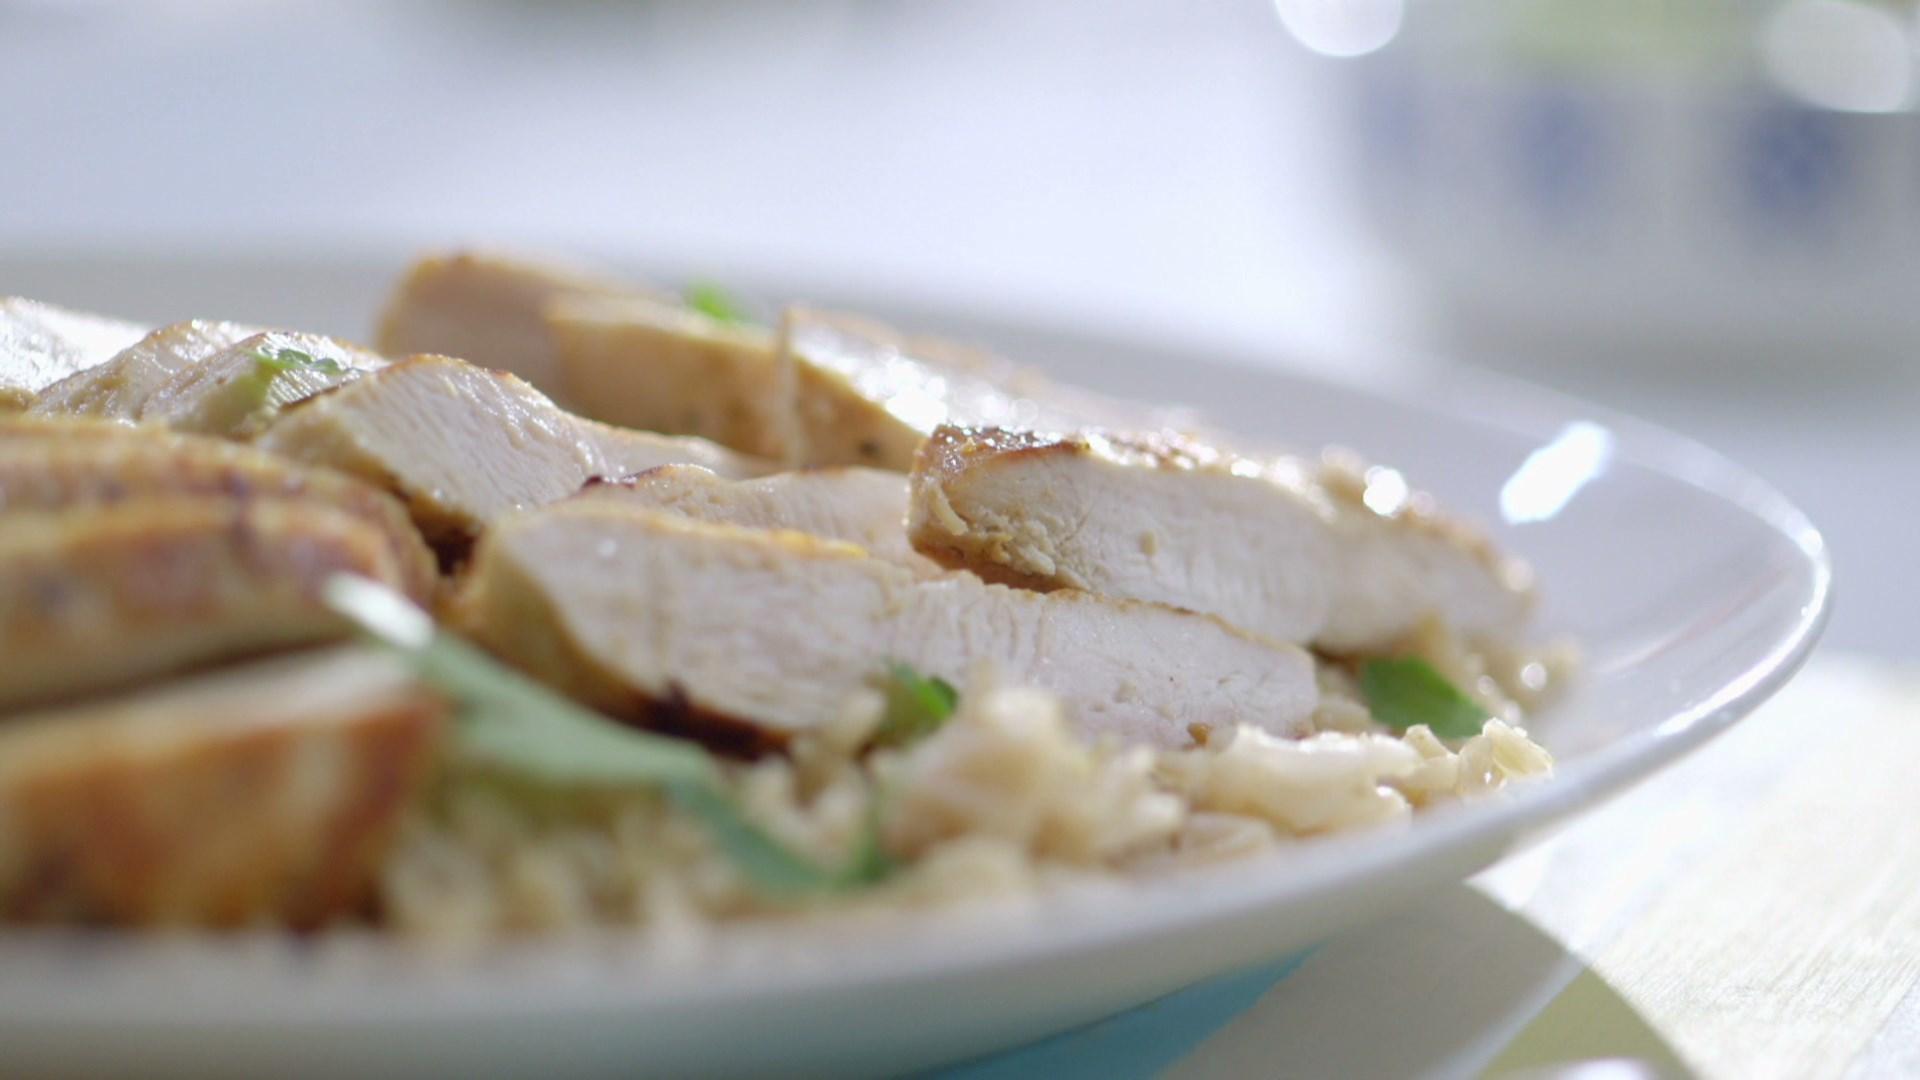 Poulet la vinaigrette cuisine fut e parents press s - Cuisine tv recettes 24 minutes chrono ...